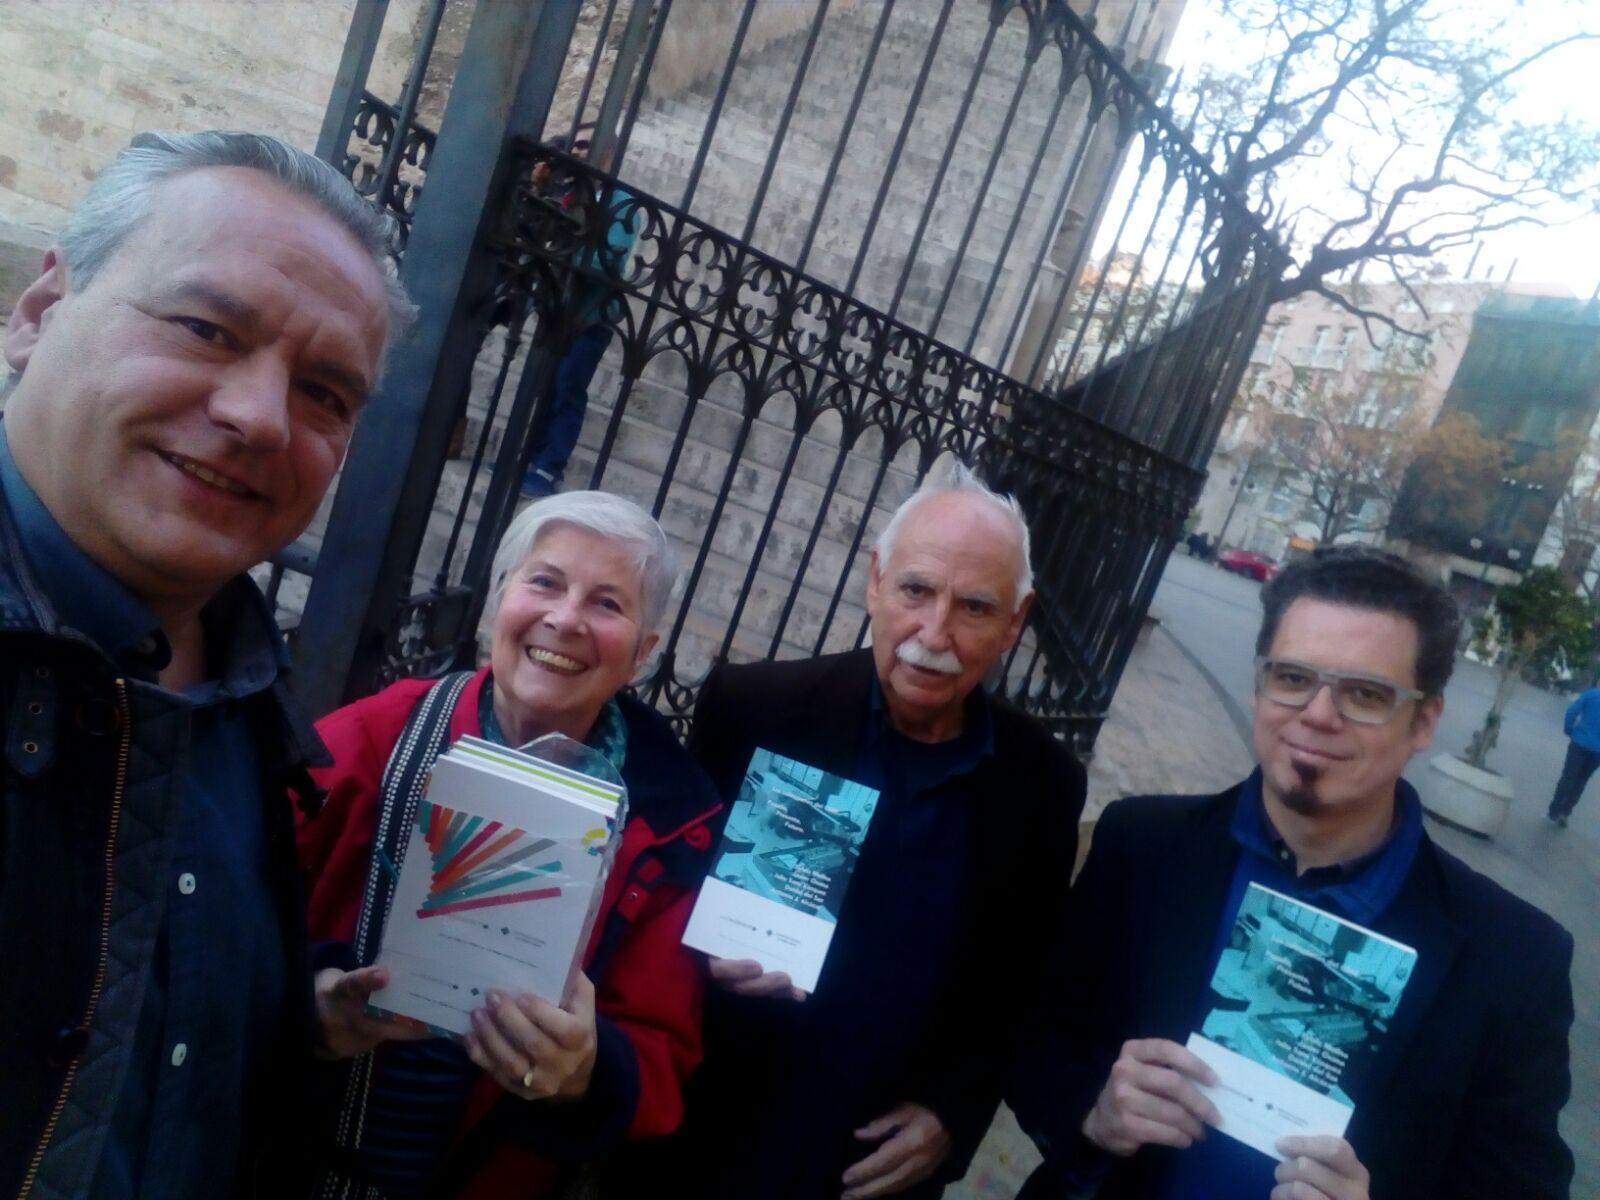 de Izq. a derecha: Julio Sanz Vázquez, Teresa Monsegur, Gabriel Brncic & Presidente AMEE Ferrer Molina con el libro publicado por Fuzzy Gab .4 sobre el GME de Cuenca